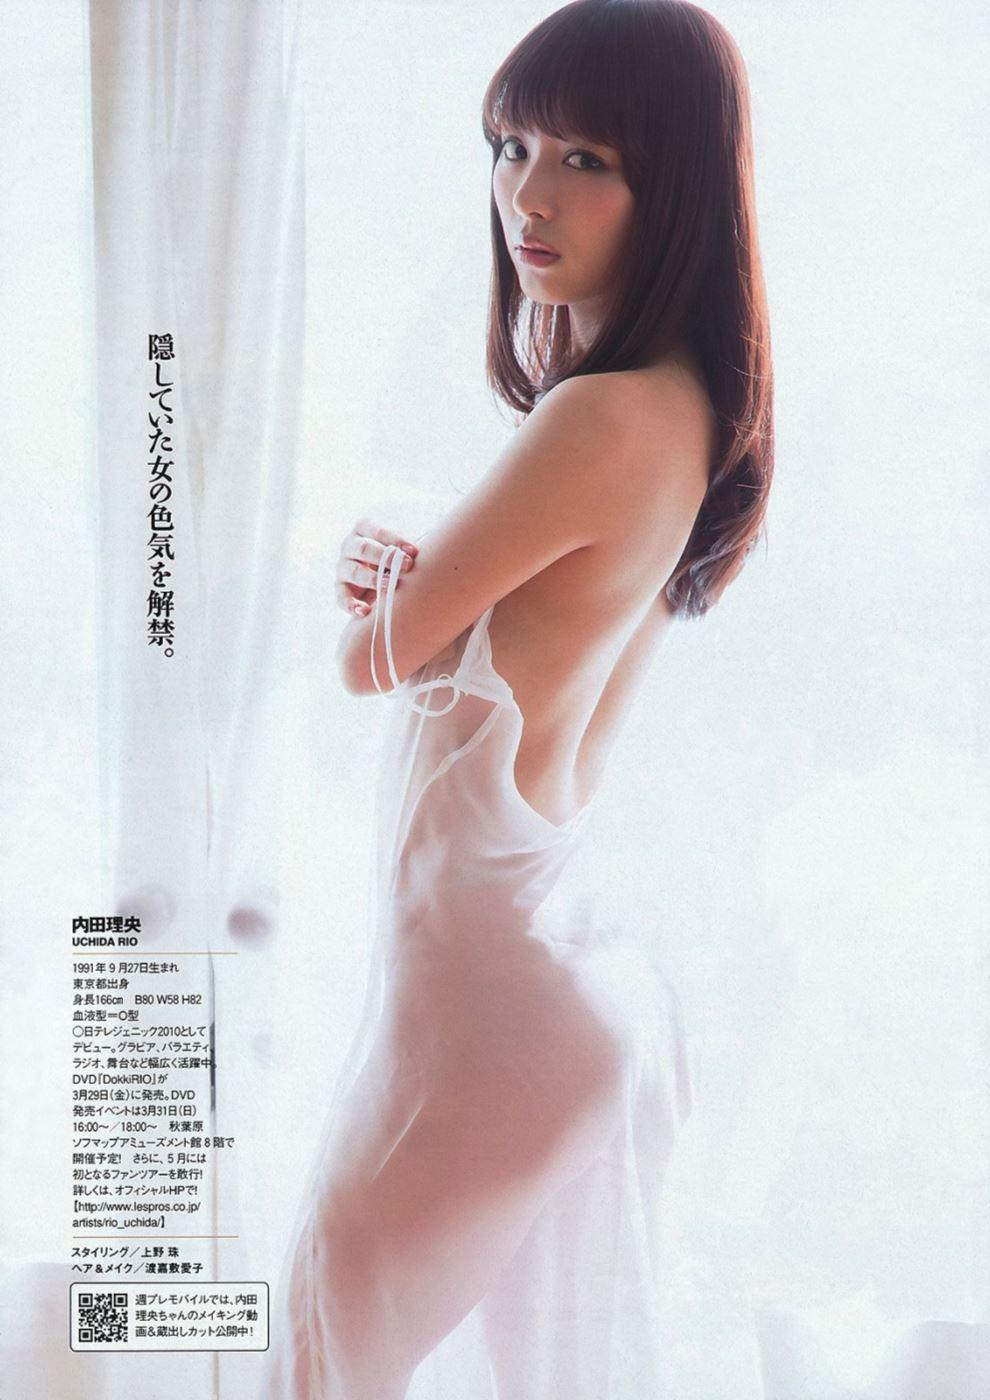 内田理央 画像 18